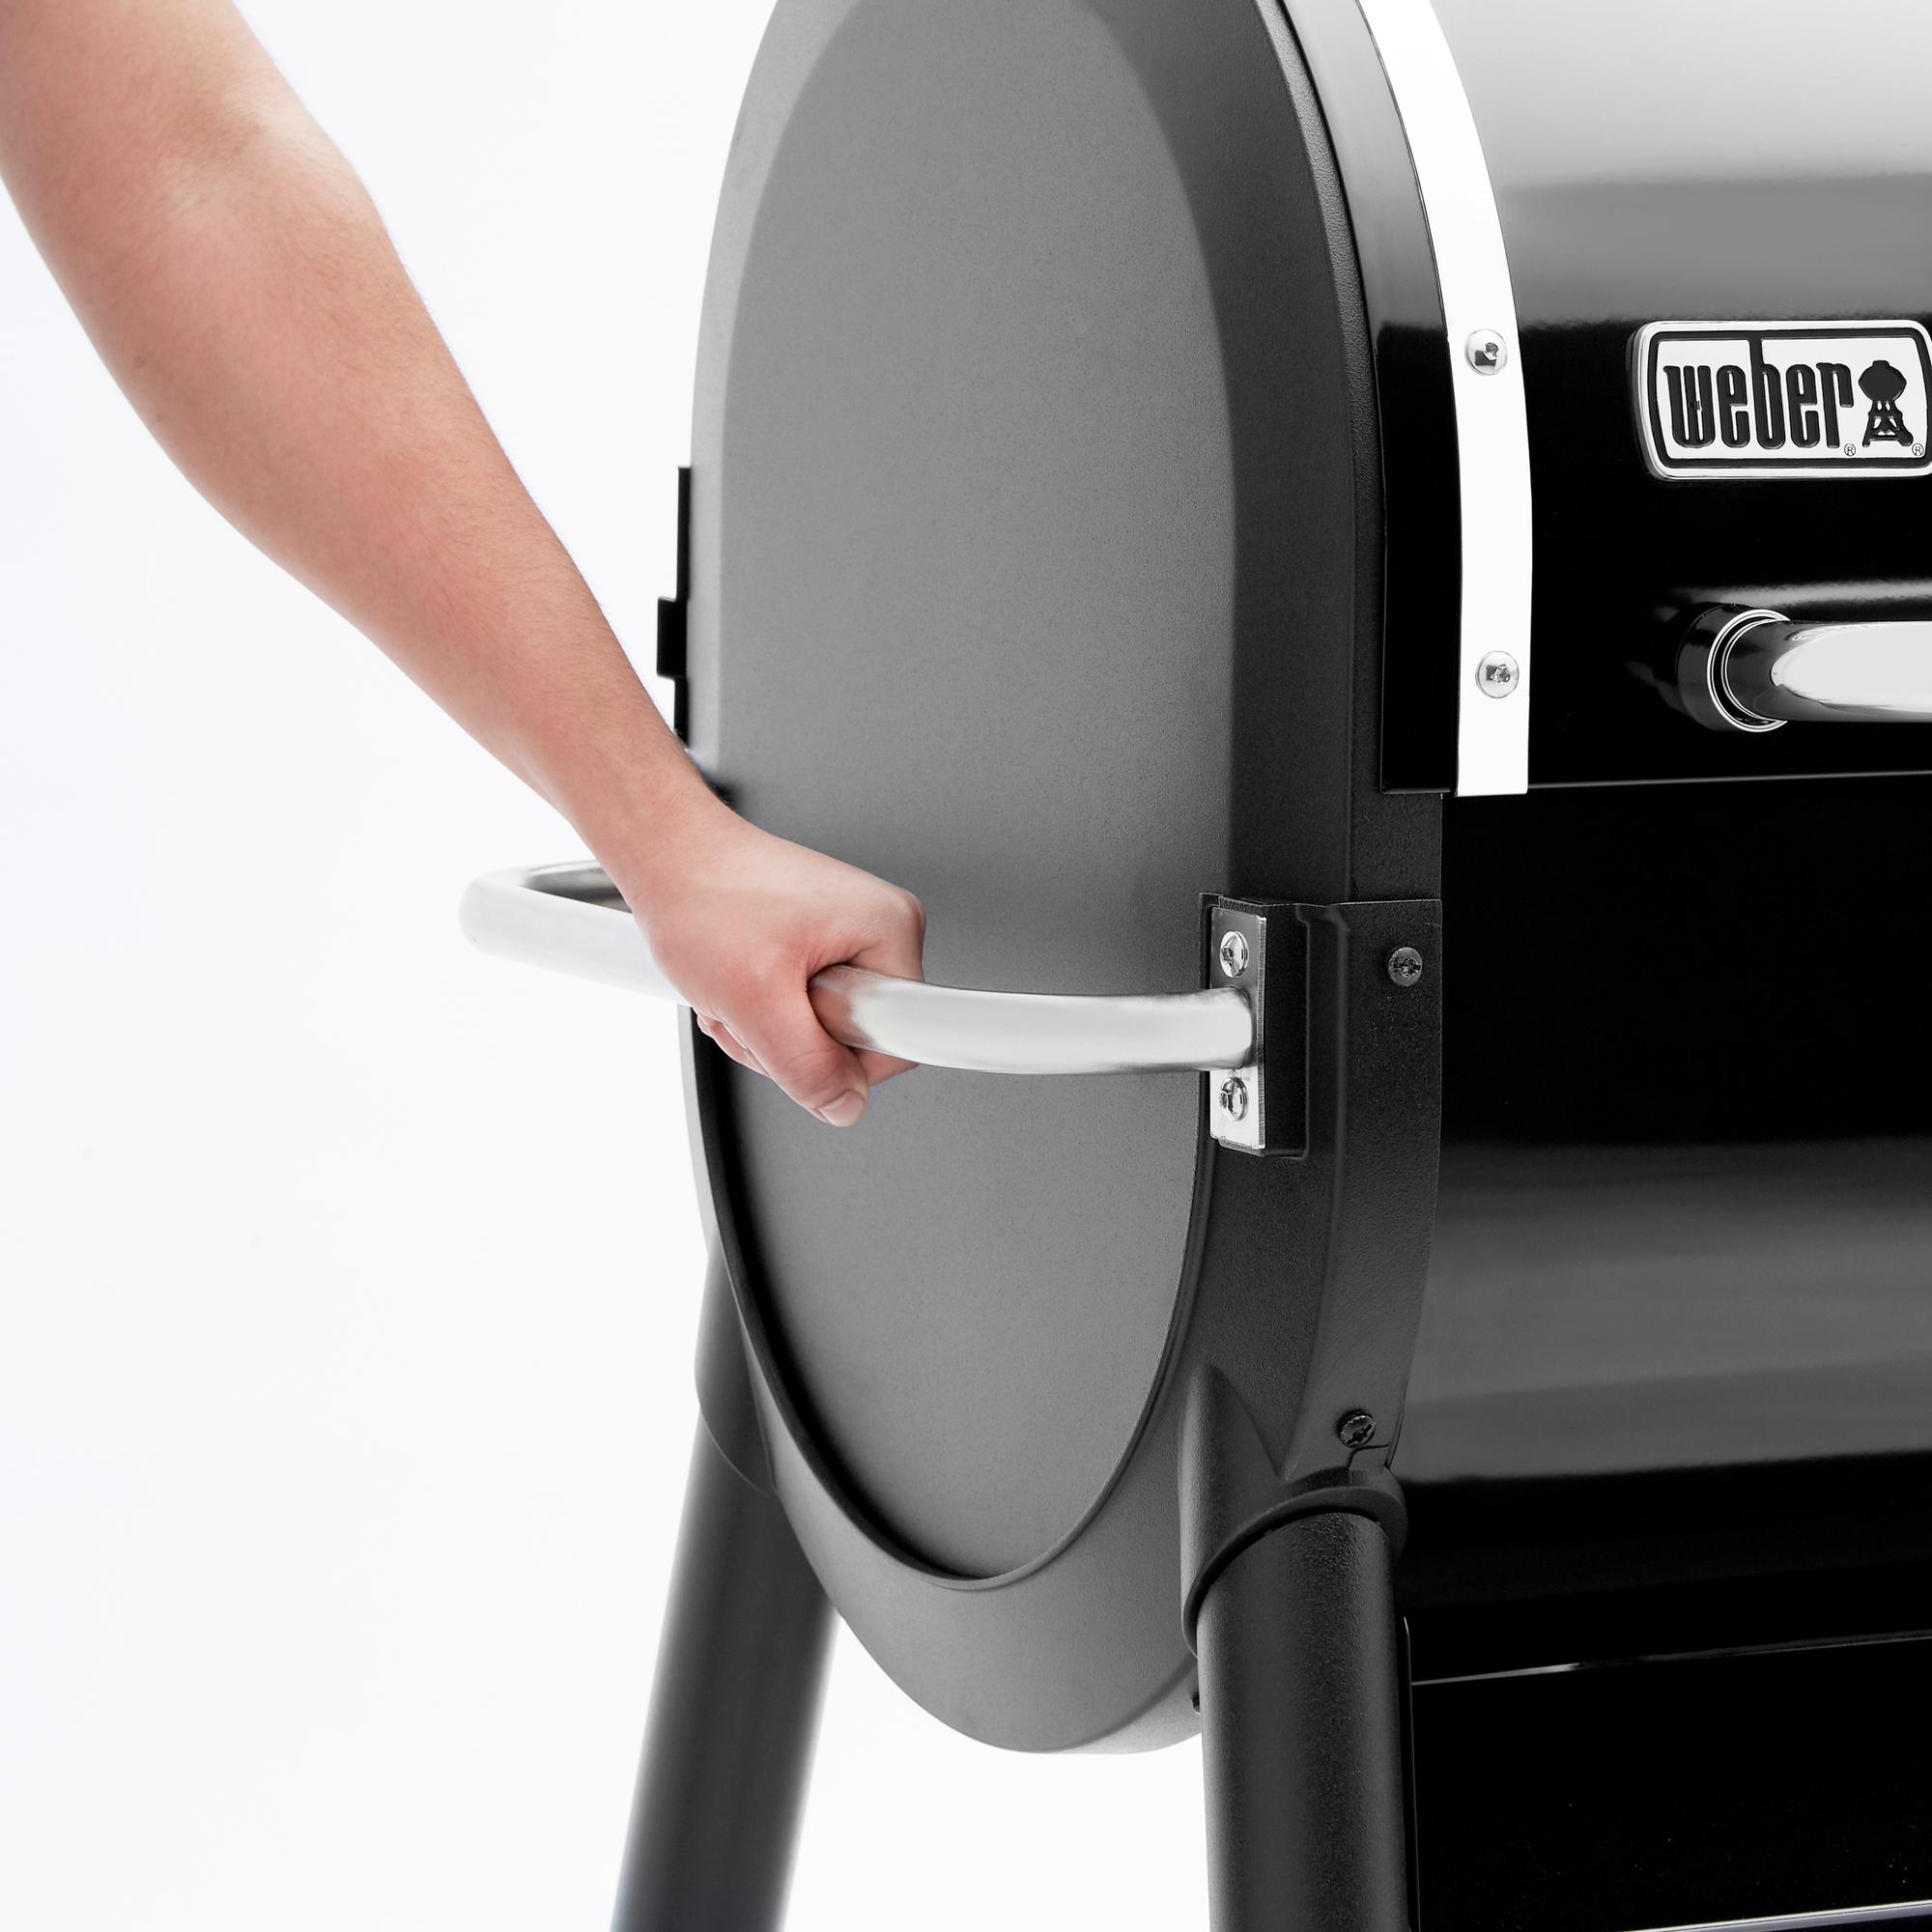 SmokeFire EX6 GBS